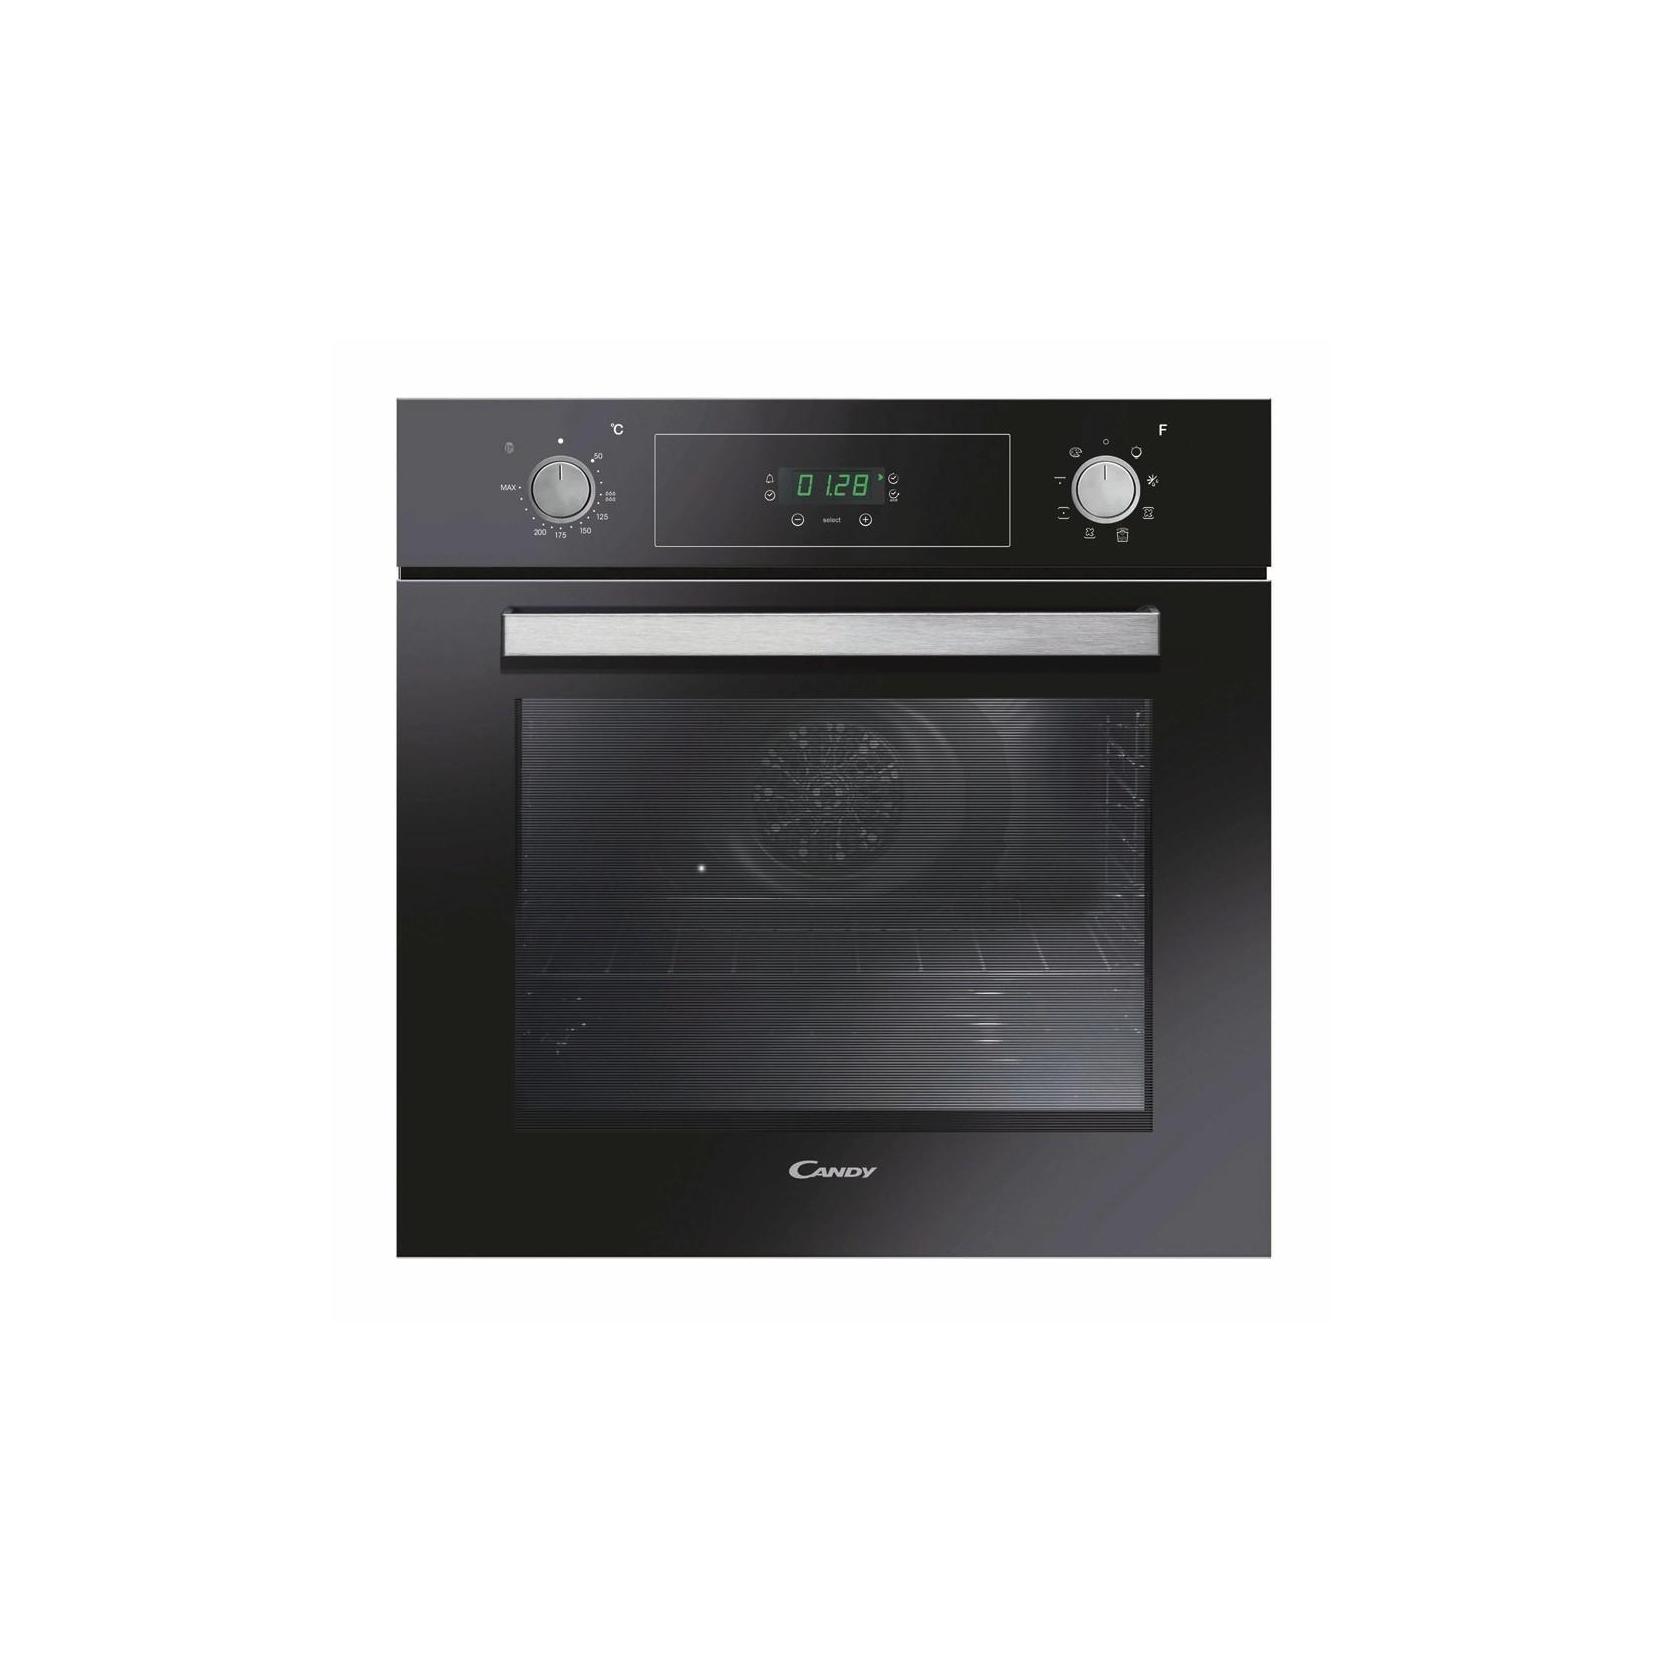 Candy fcp625nxl forno da incasso elettrico multifunzione colore nero classe a garanzia italia - Forno da incasso elettrico ...